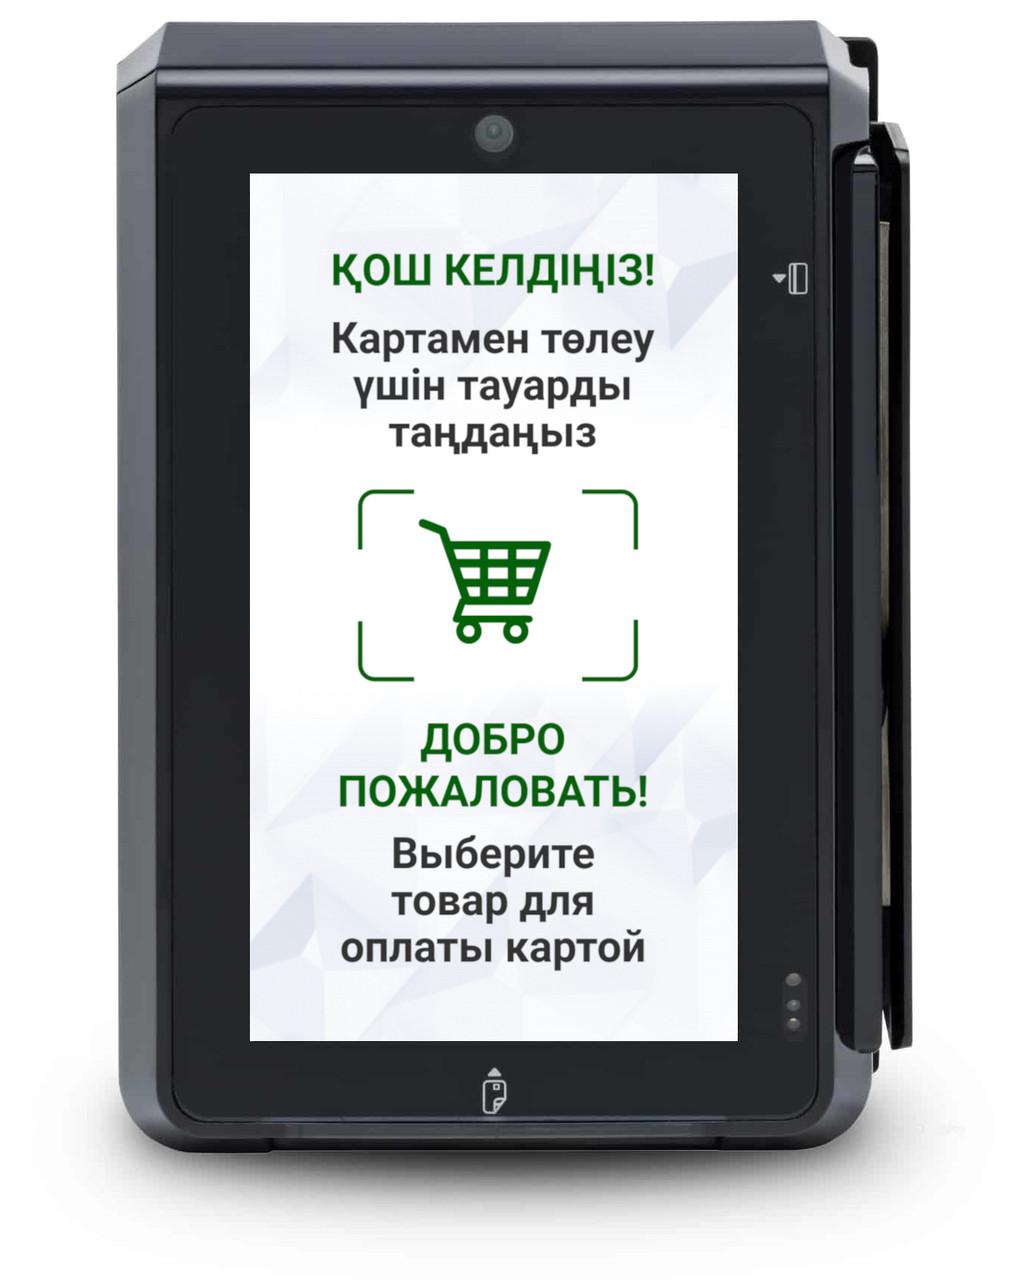 Платежный терминал (эквайринг) для вендинга  PAX IM-30, оплата картой